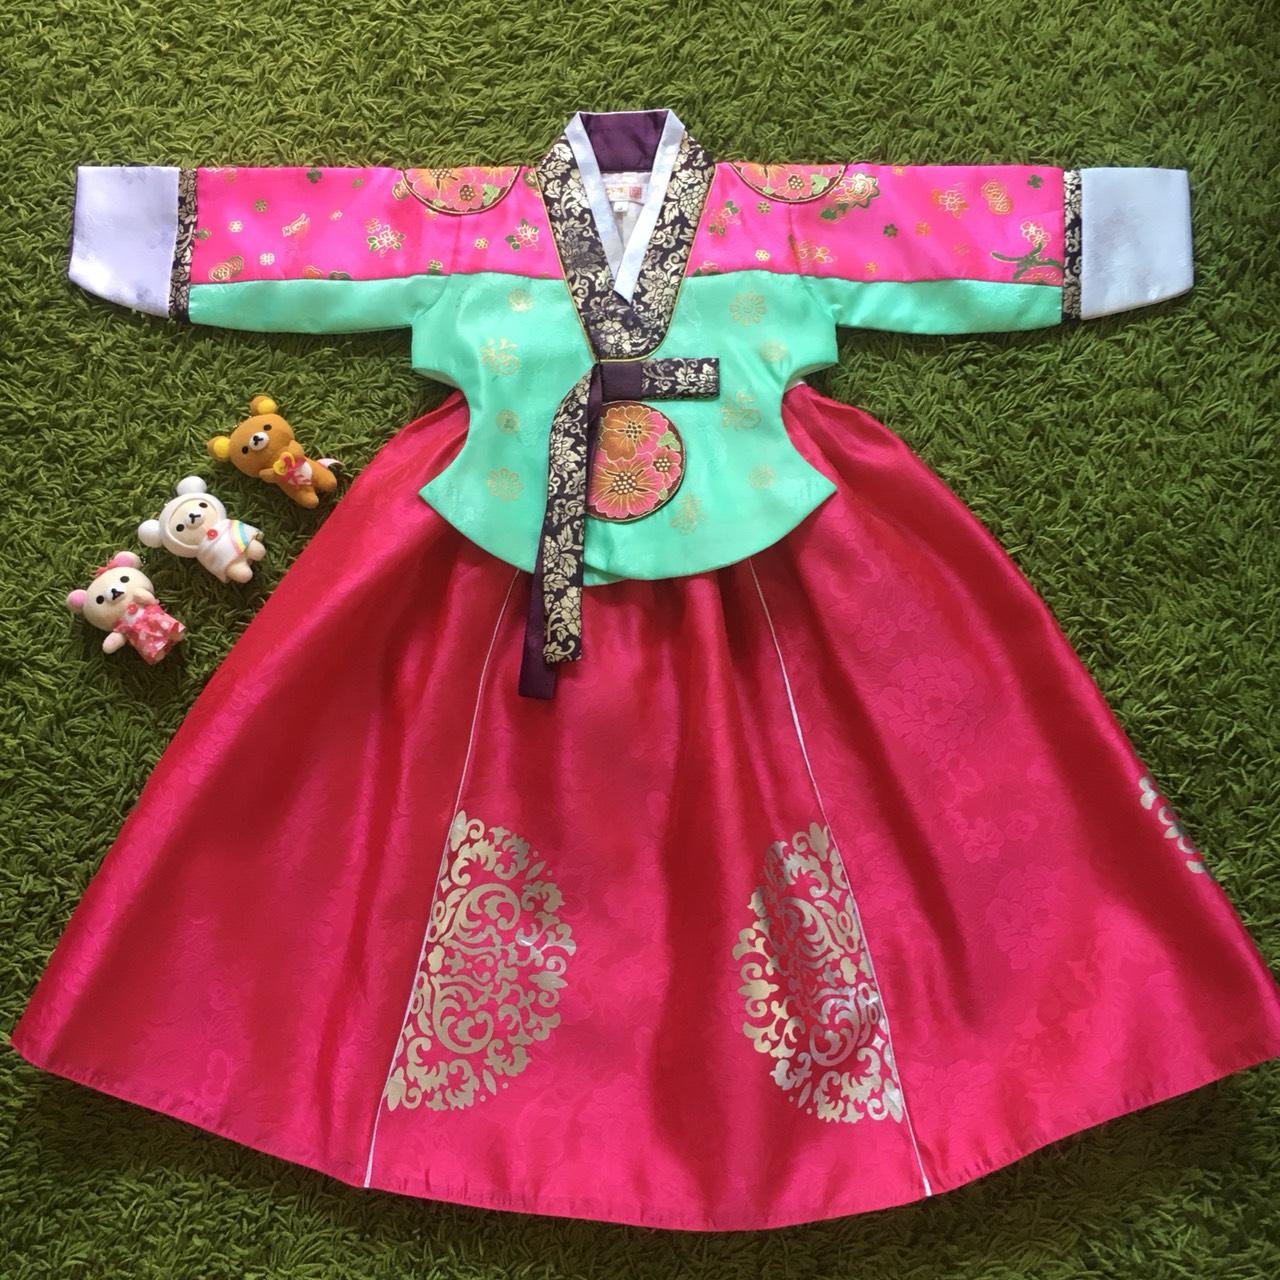 Hanbok Girl ฮันบกผ้าไหมชาววัง สำหรับเด็ก 3 ขวบ